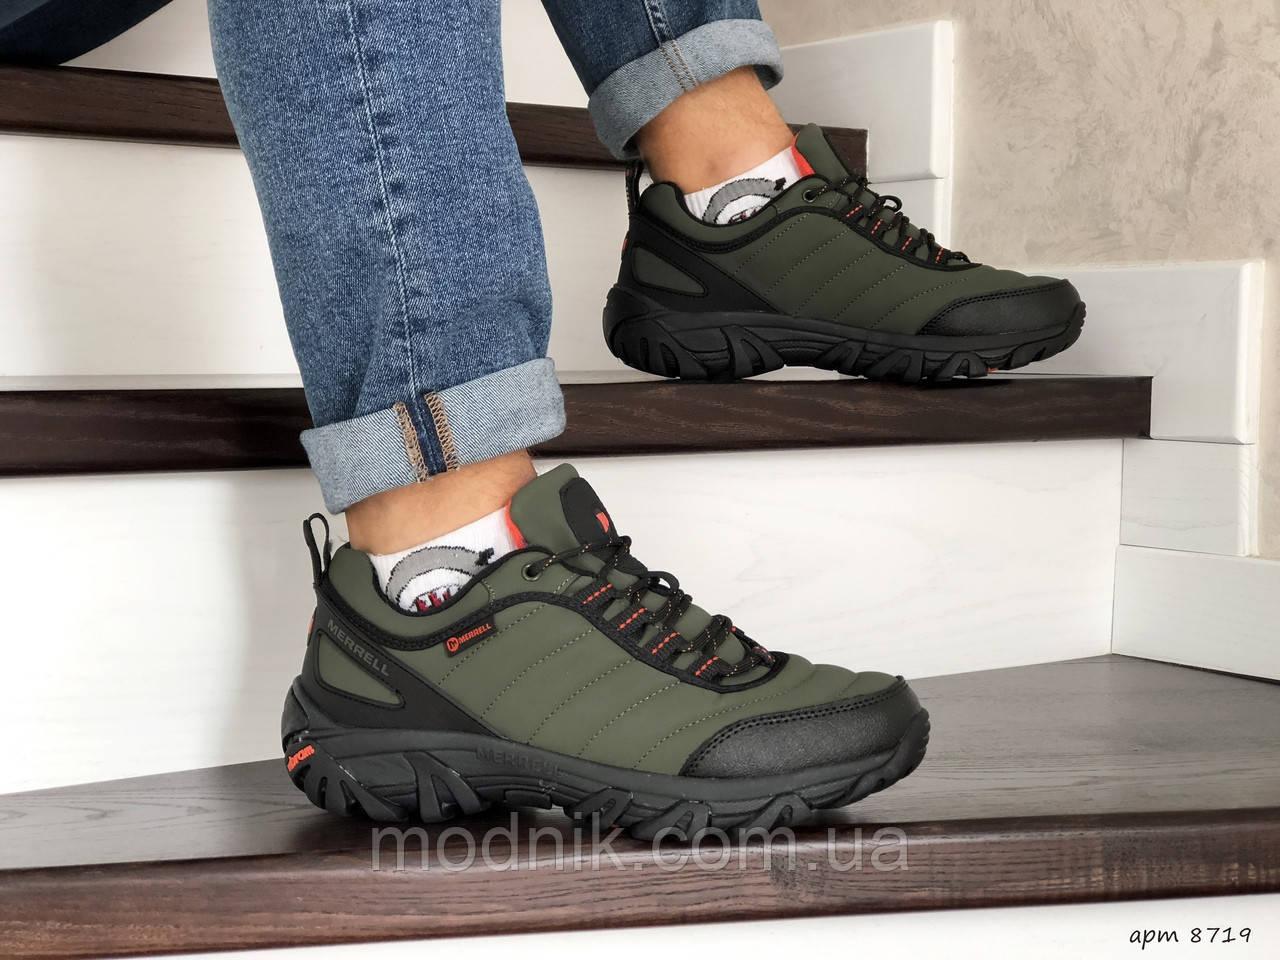 Мужские зимние кроссовки Merrell (темно-зеленые)